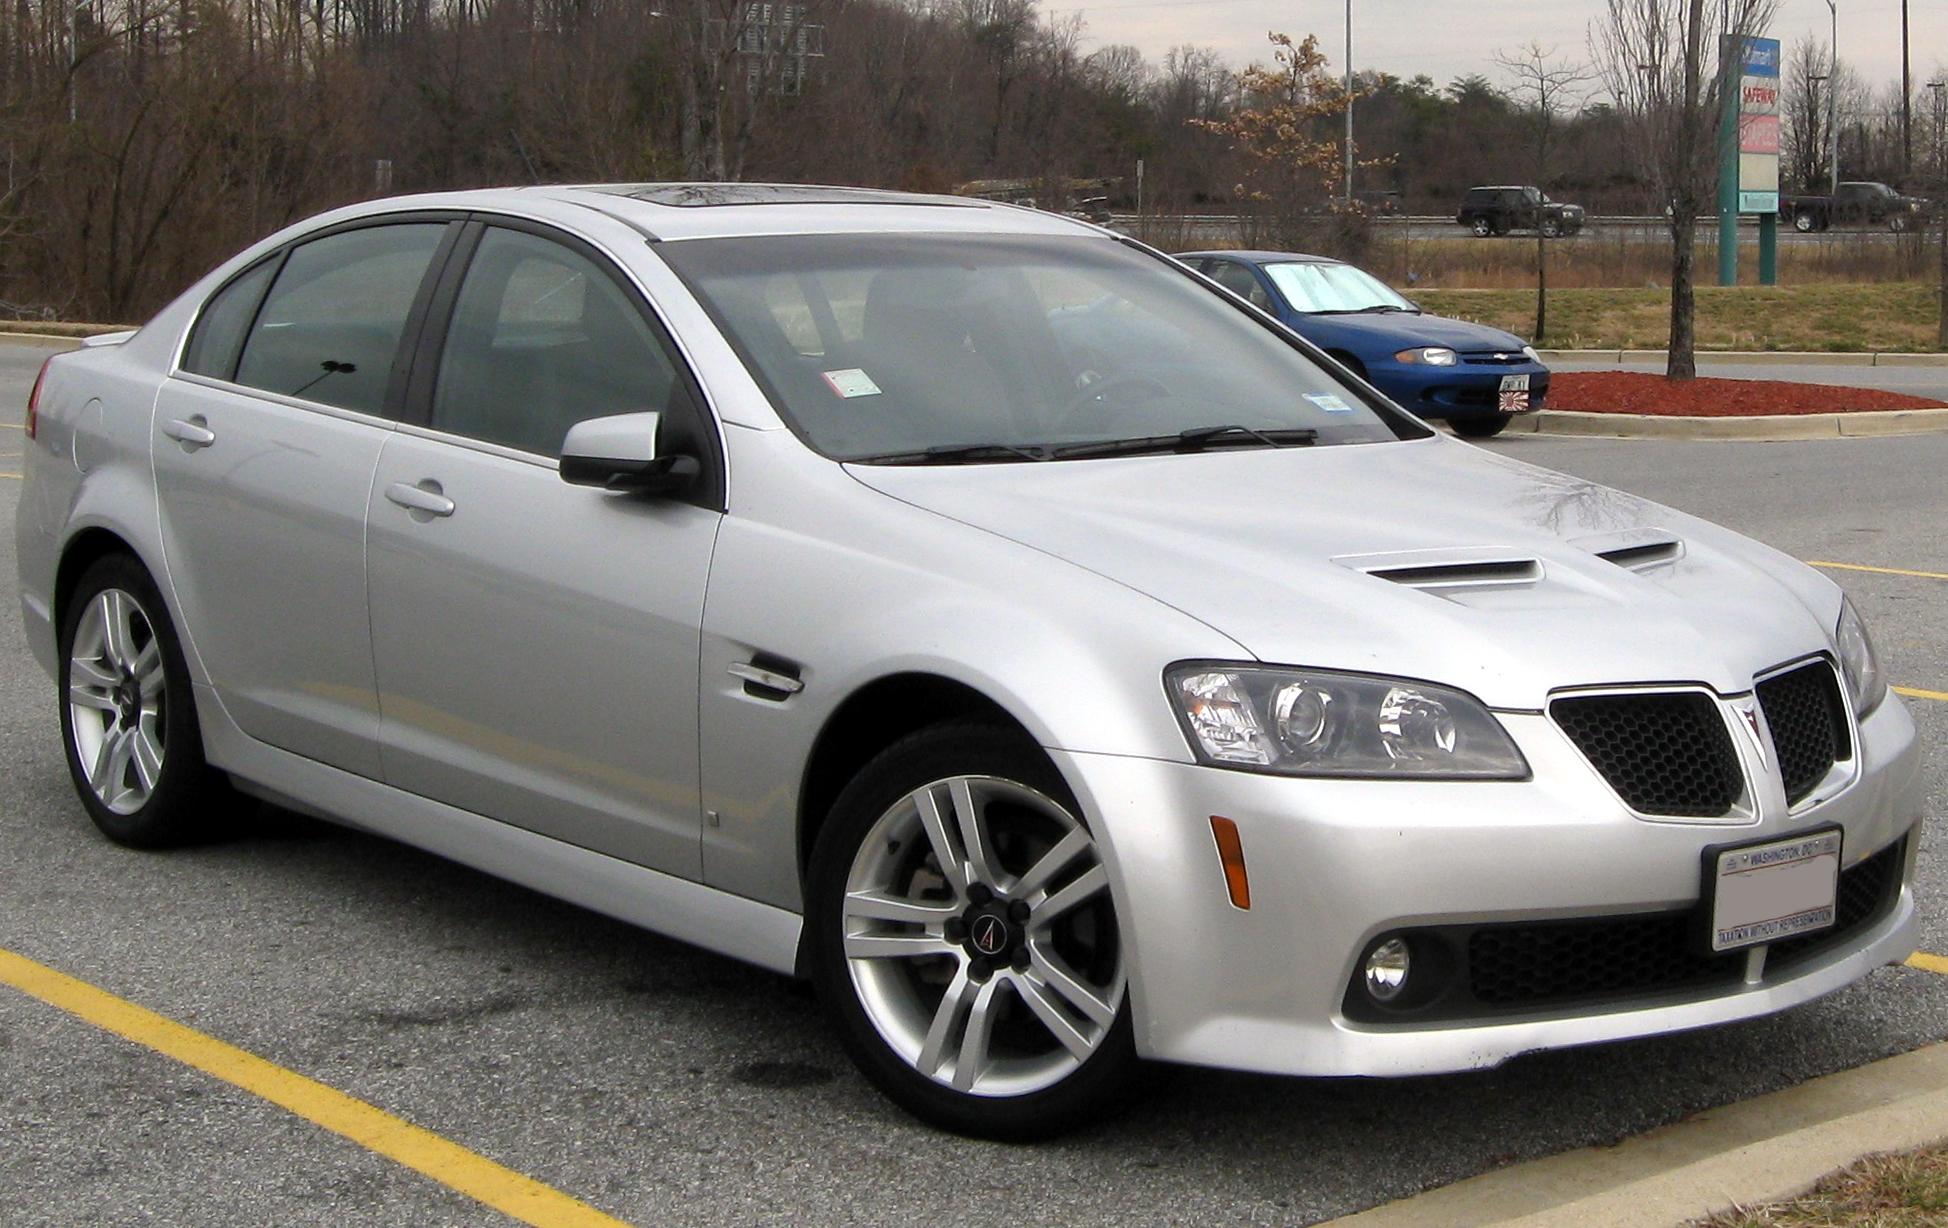 Pontiac G8 - Wikipedia